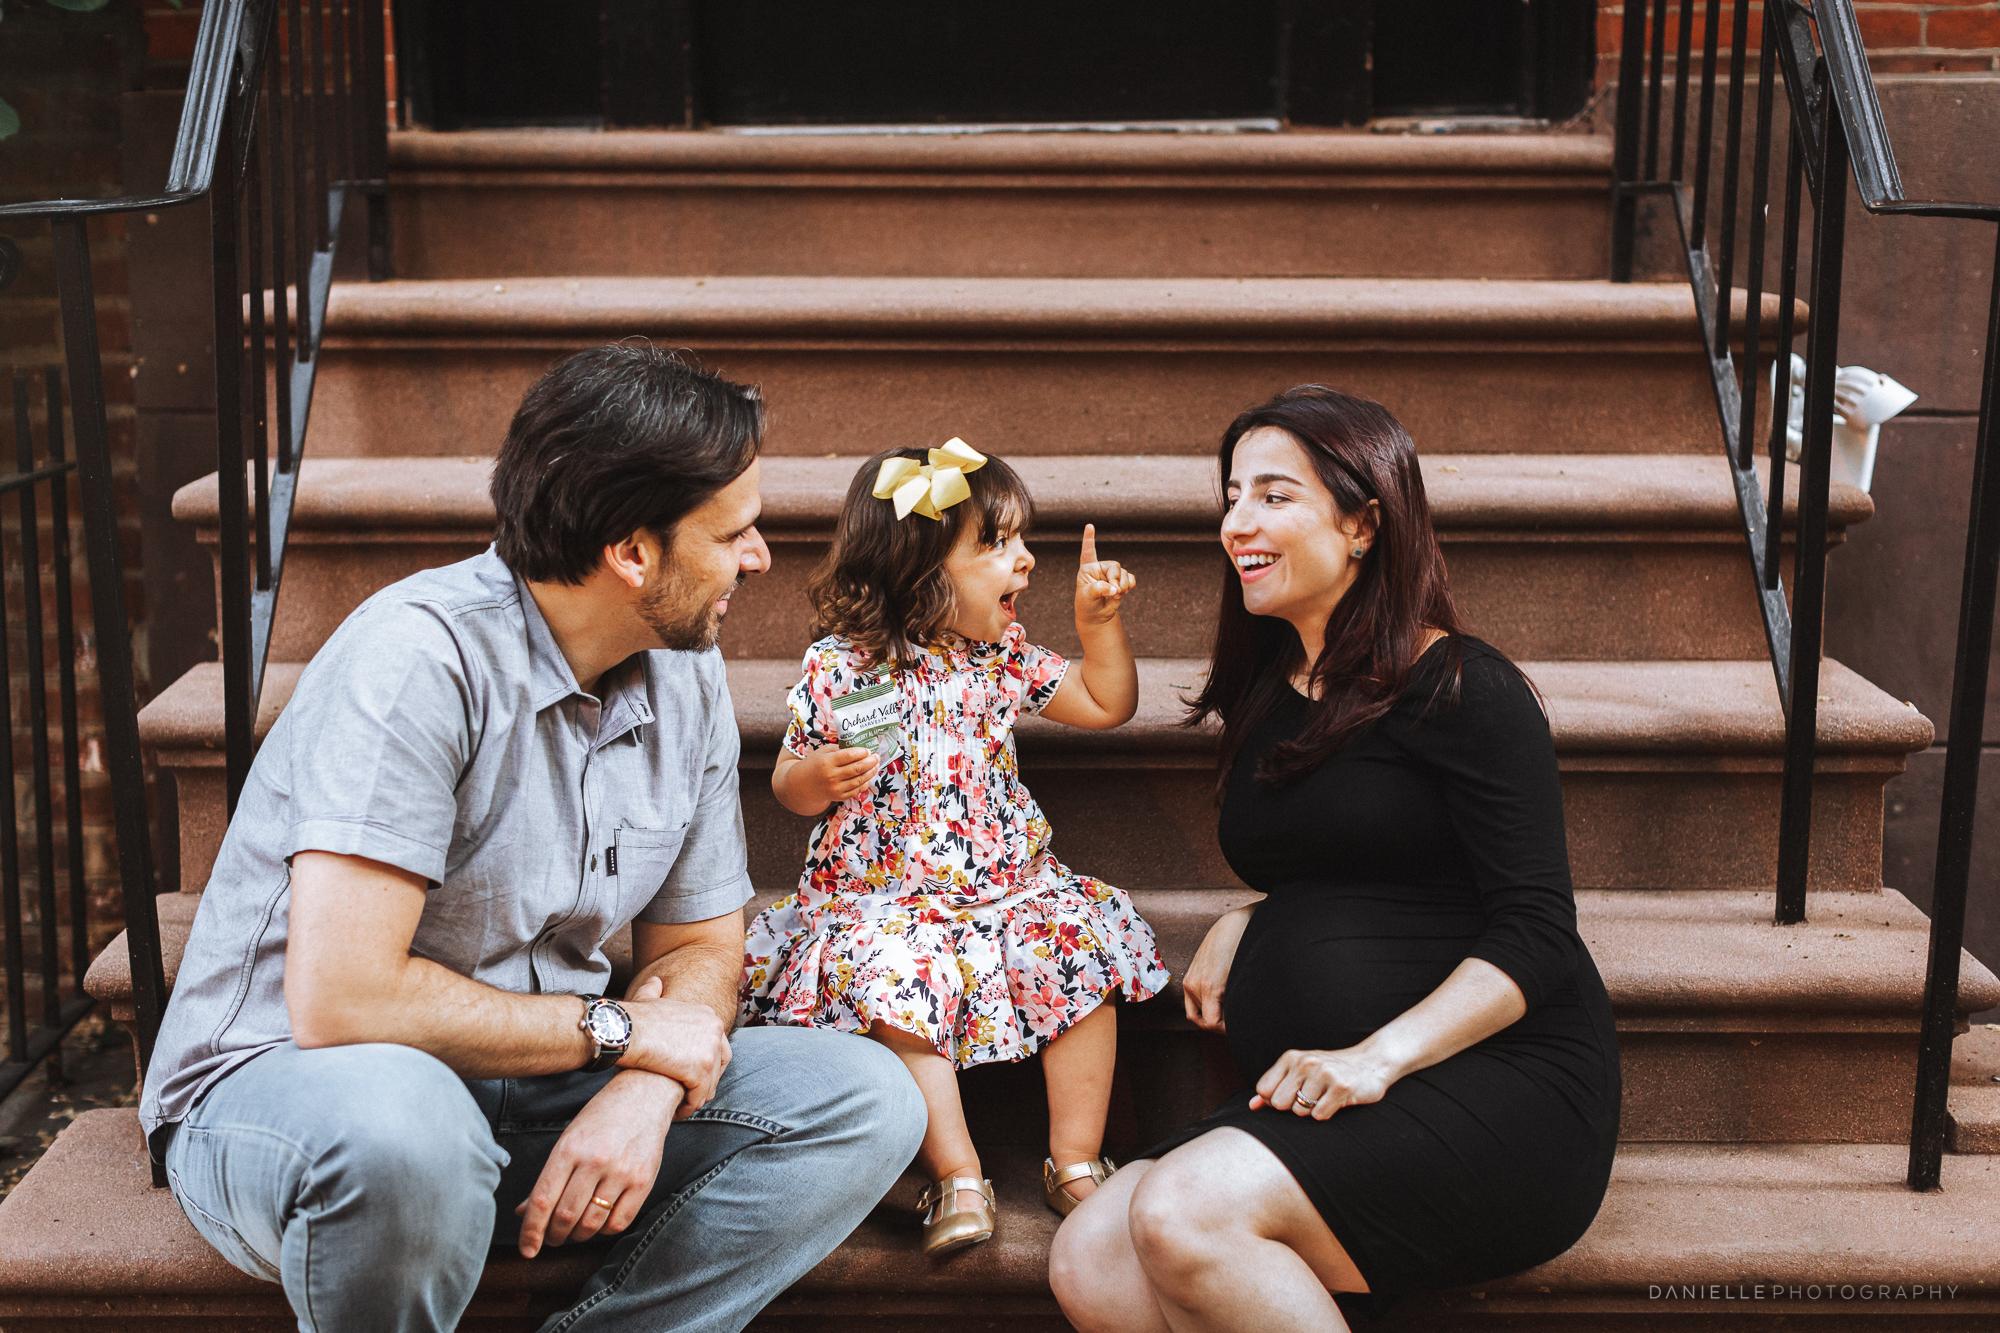 @DaniellePhotographySA_Family_New_York_Maternity_Photos-109.jpg